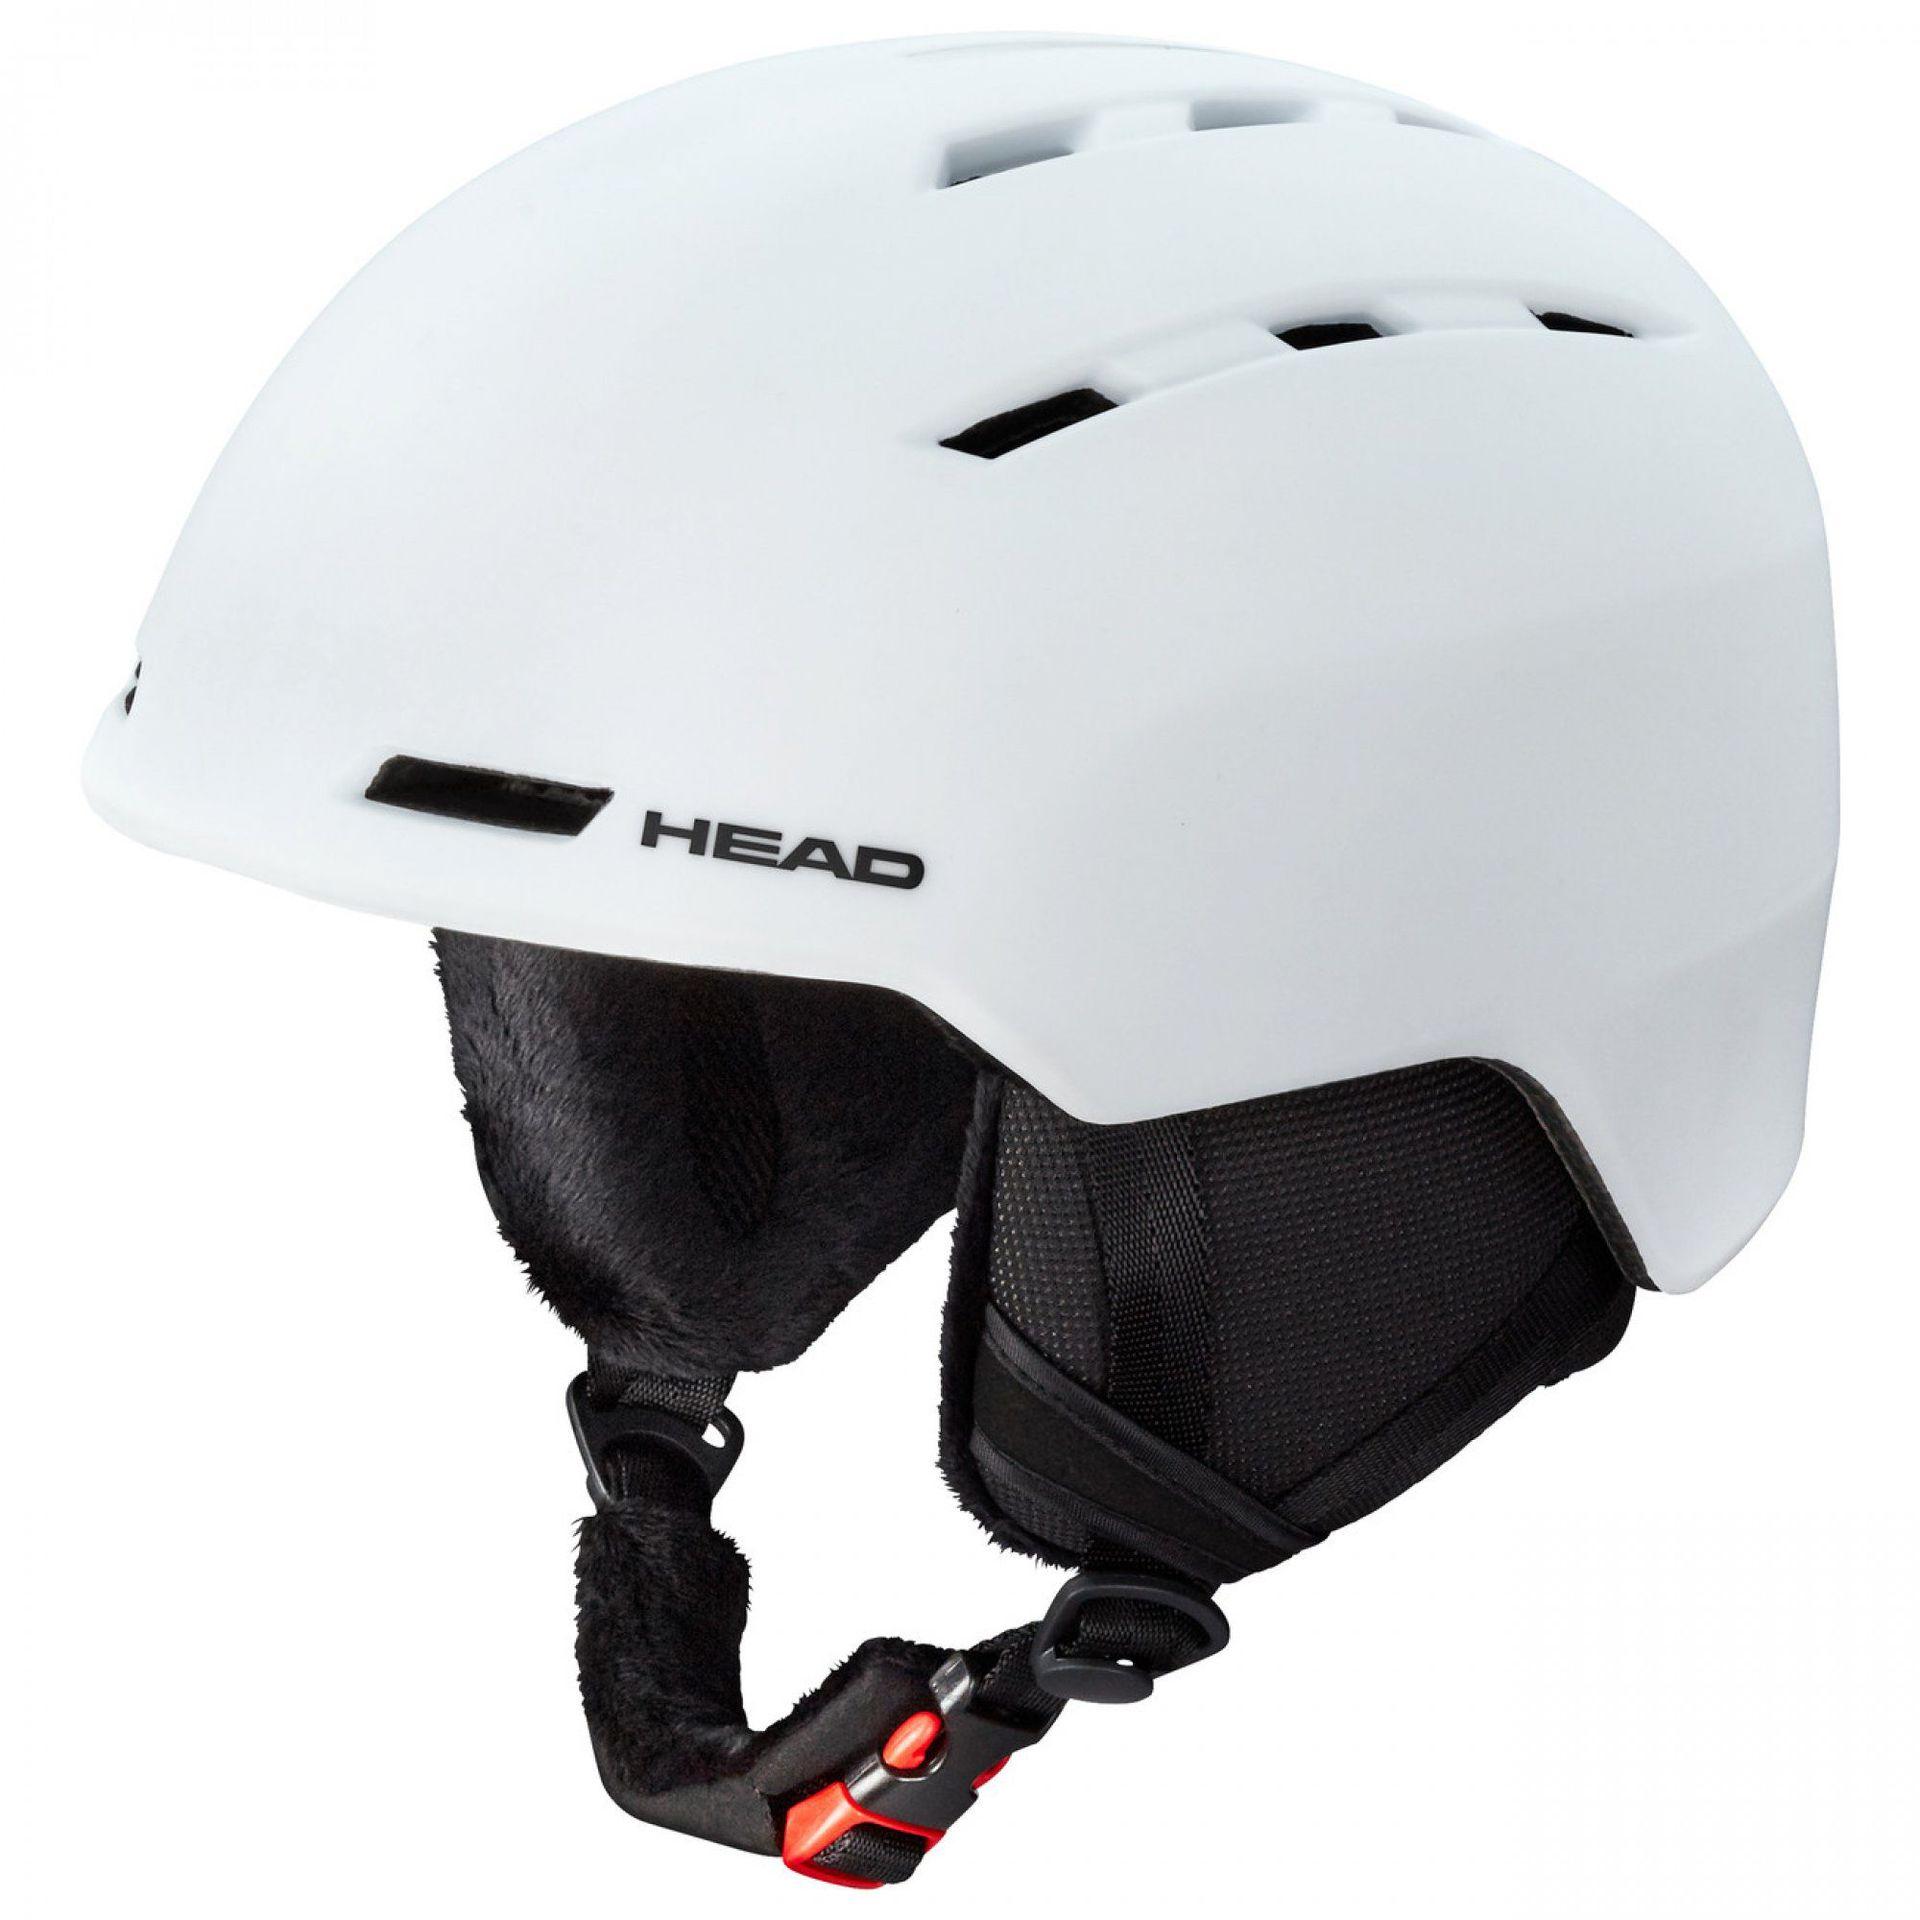 KASK HEAD VICO 324518